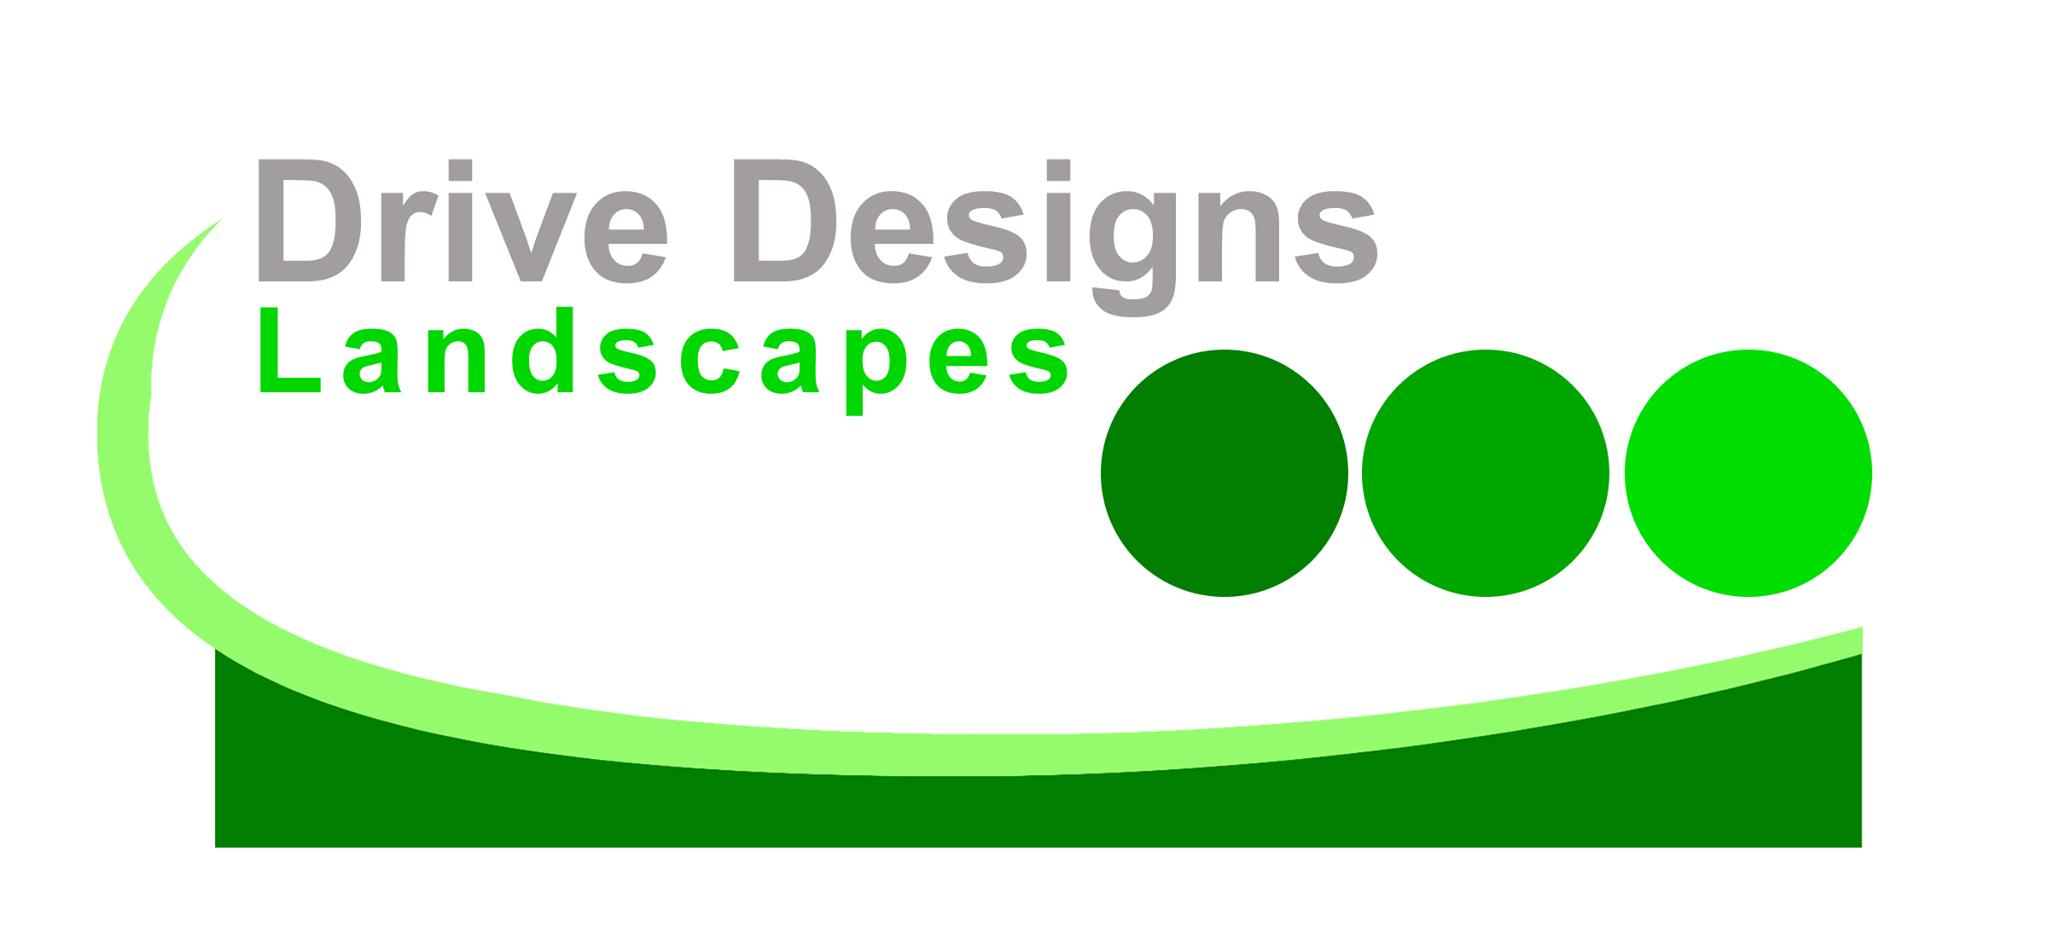 Drive Designs Landscapes